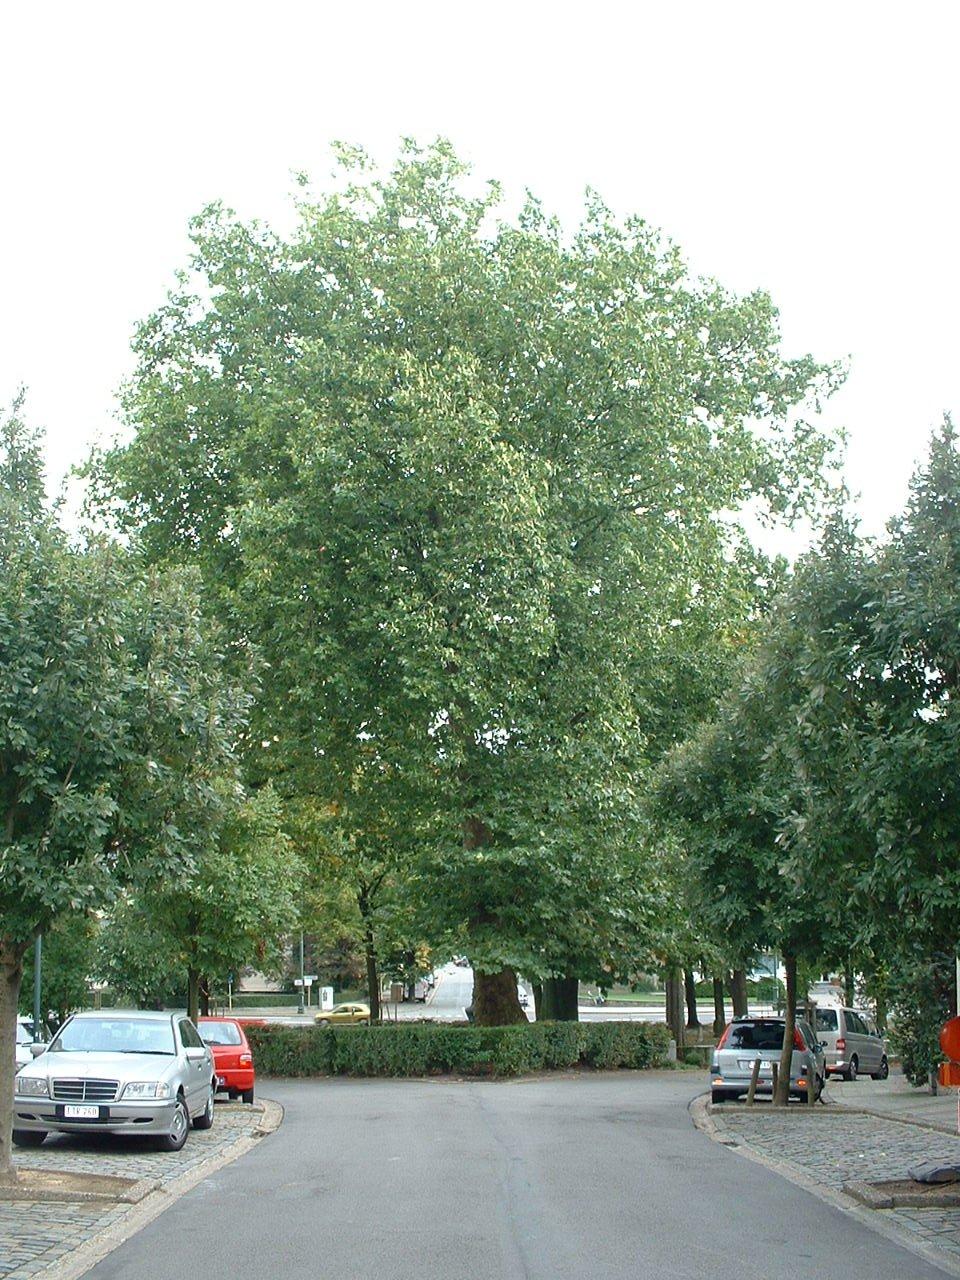 Platane à feuille d'érable – Auderghem, Boulevard du Souverain –  28 Septembre 2005